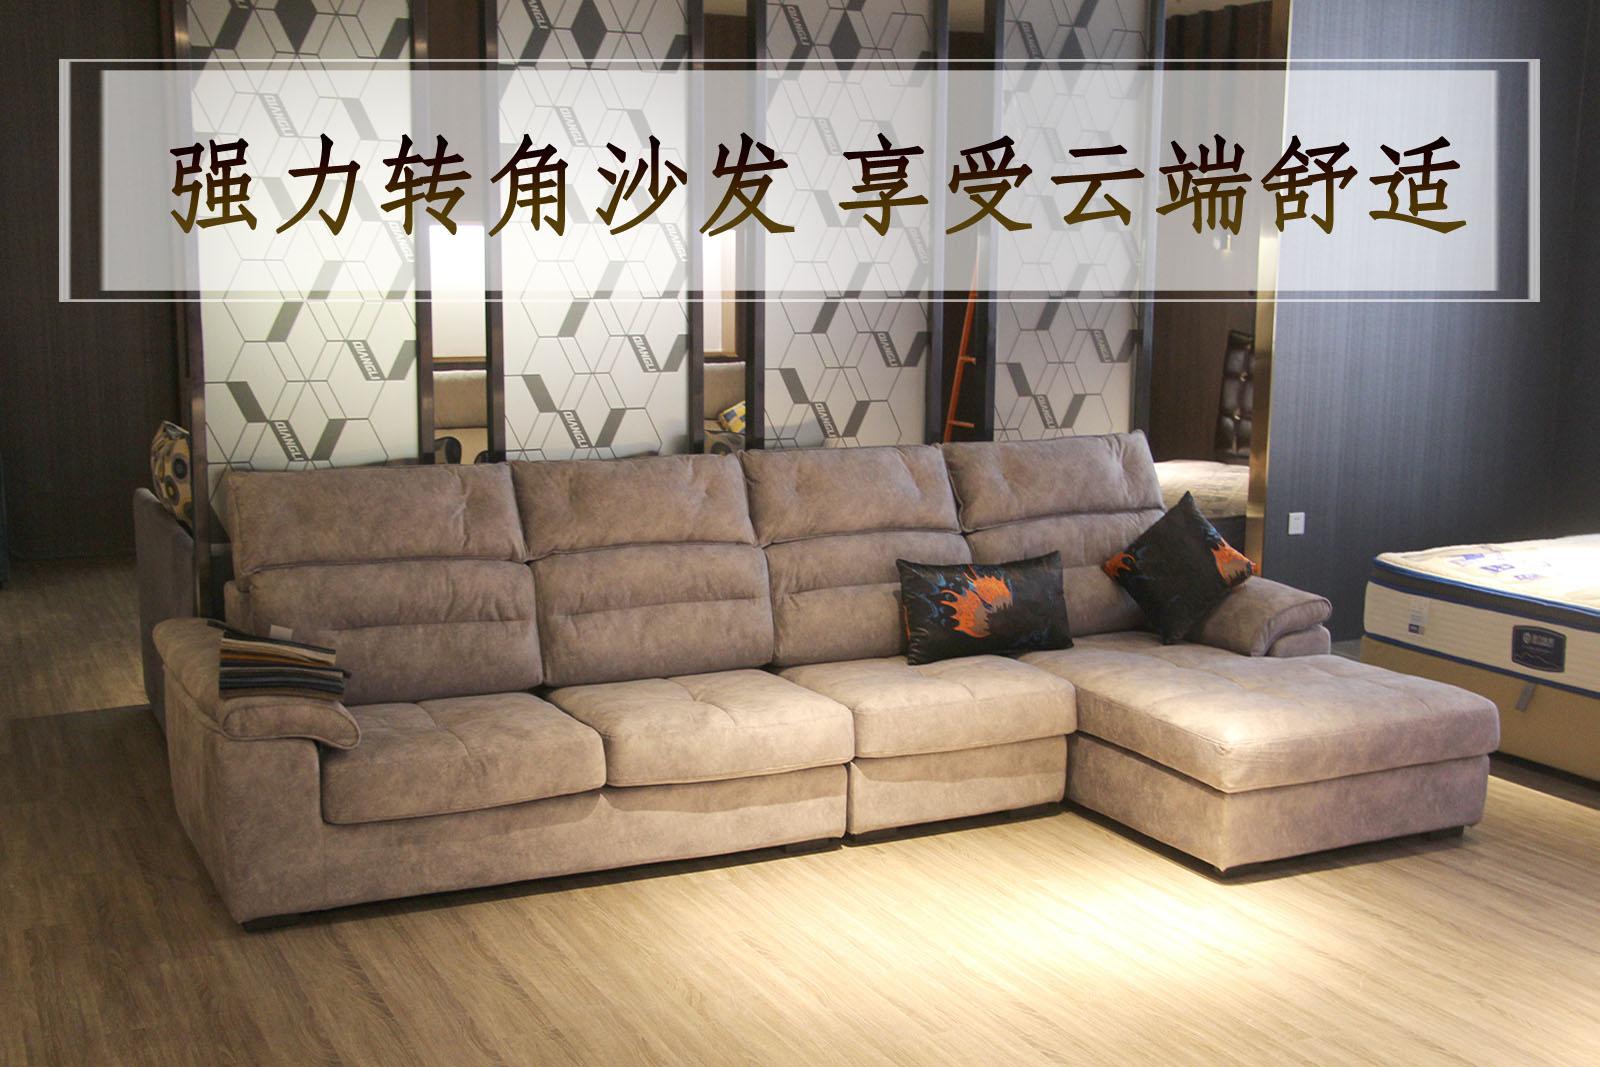 小编力荐:强力转角沙发享受云端舒适